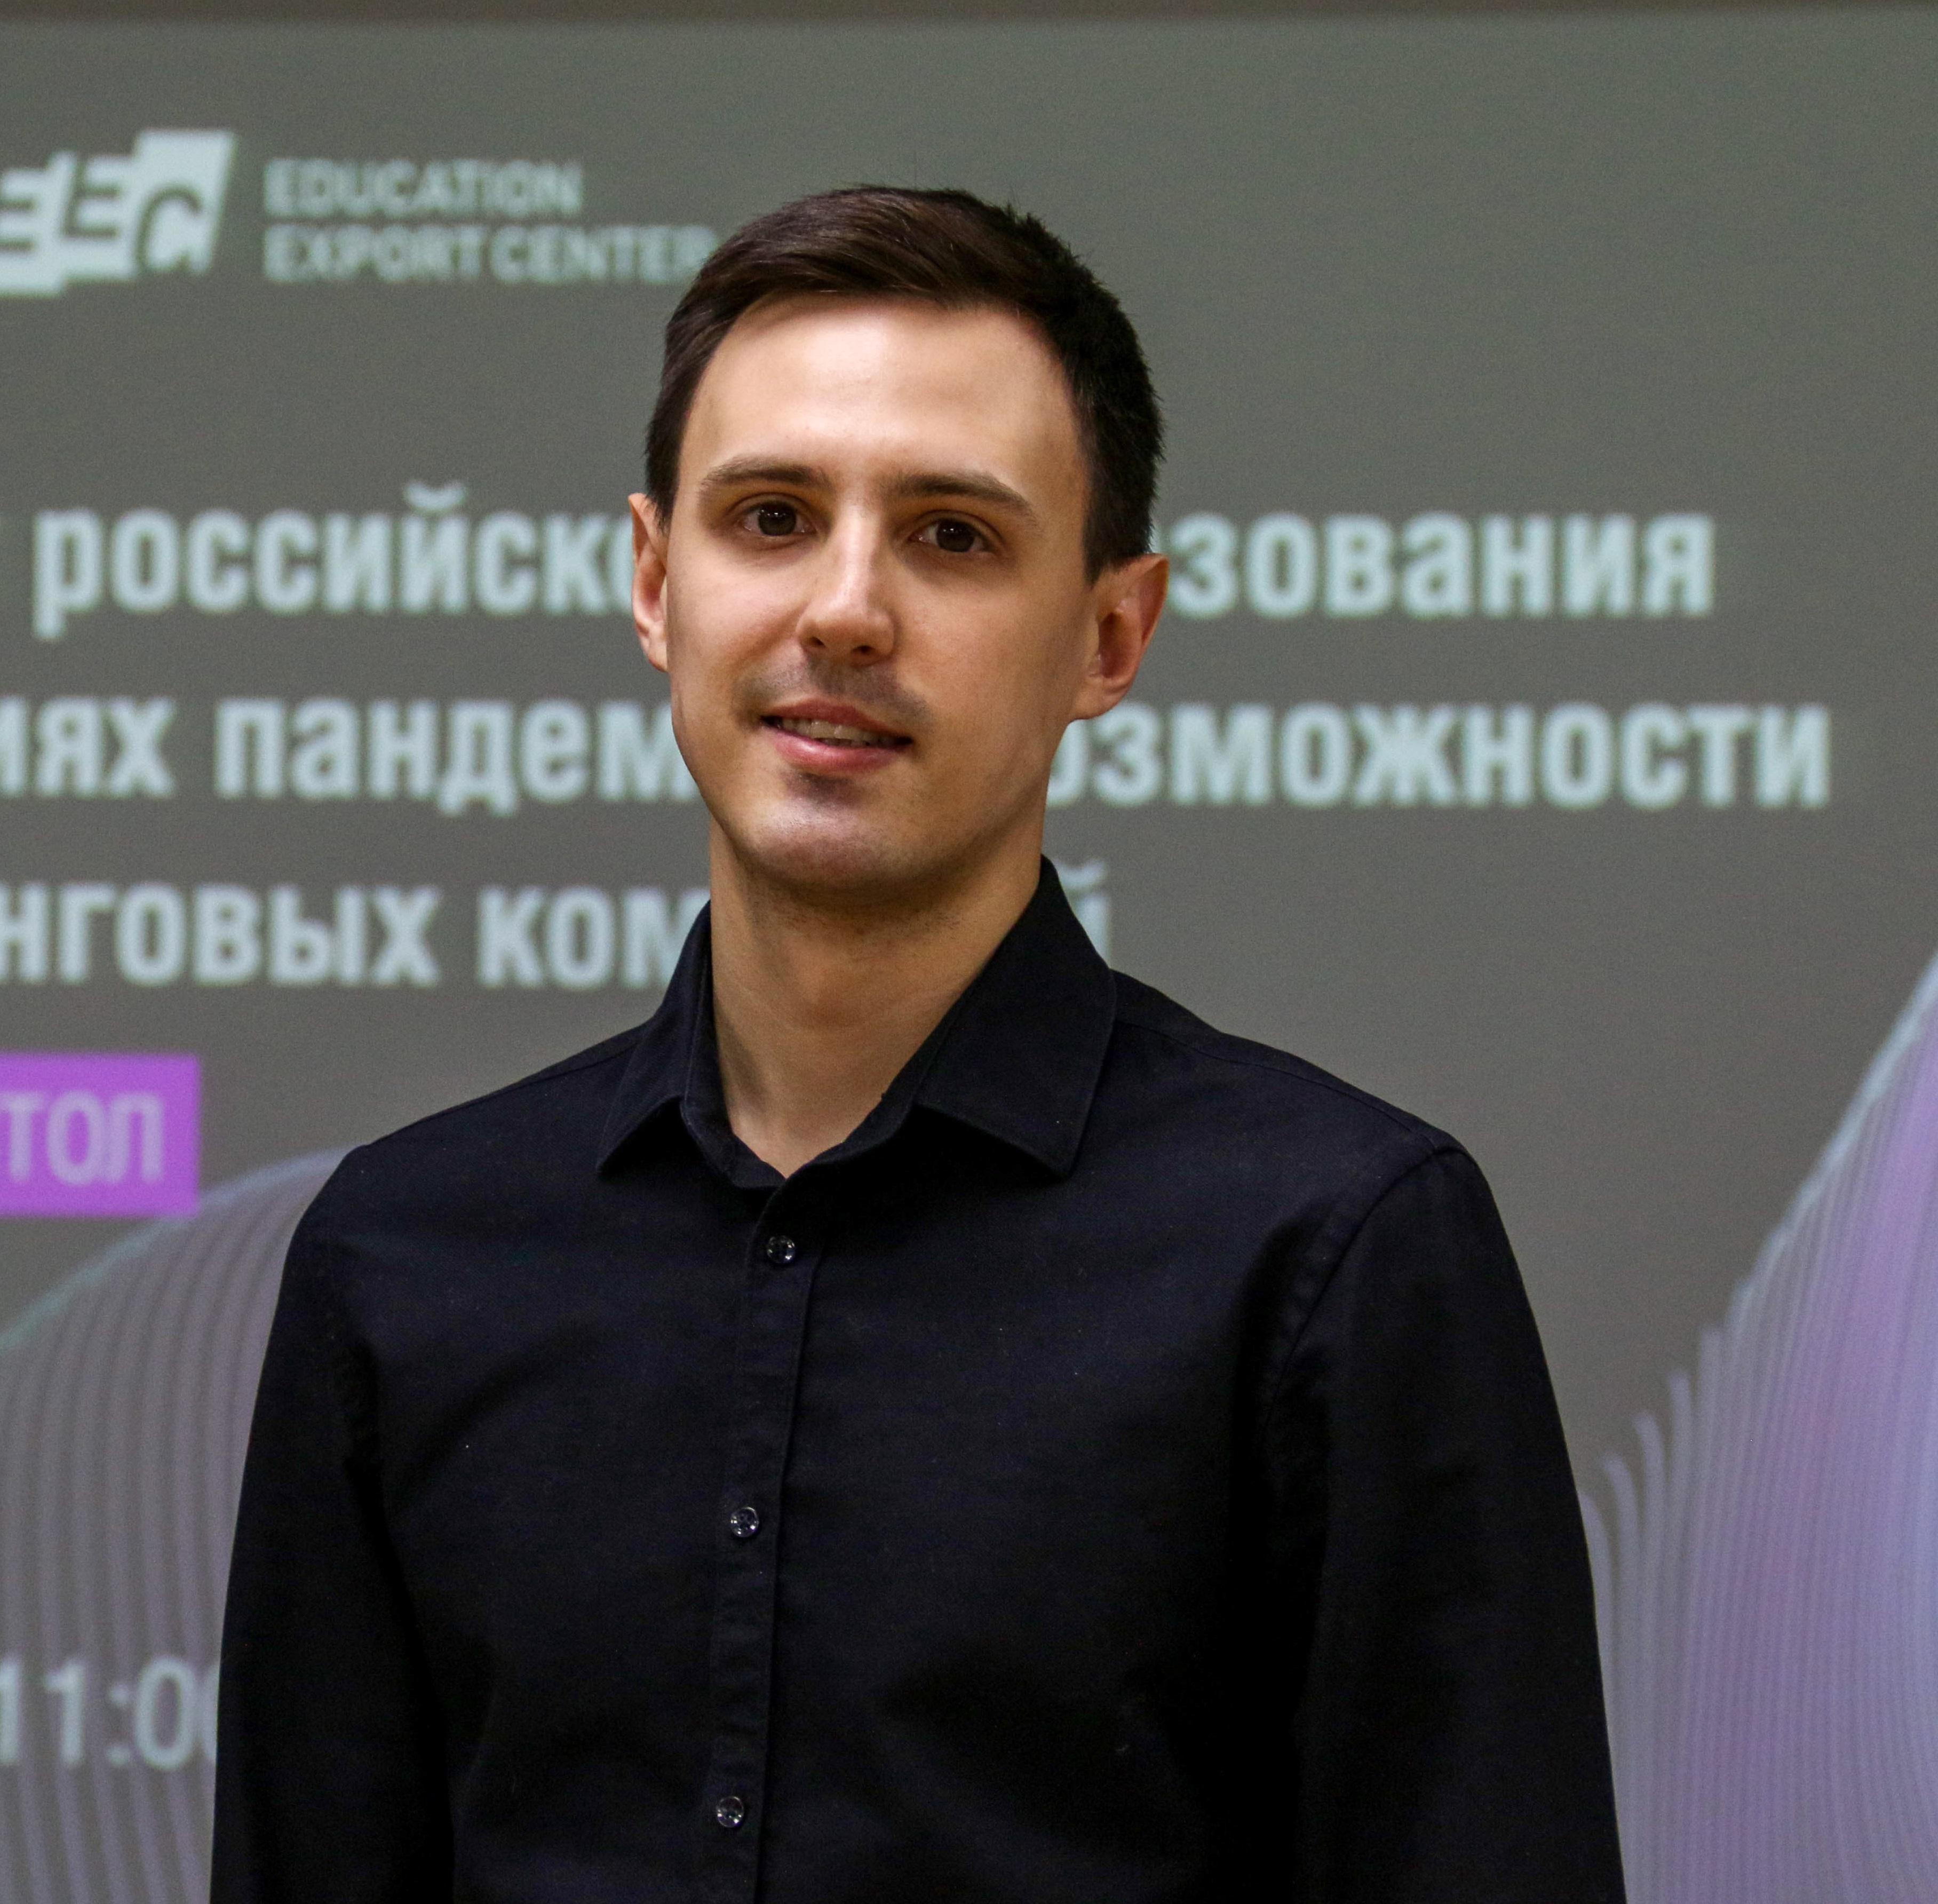 Стрельчук Никита Владимирович